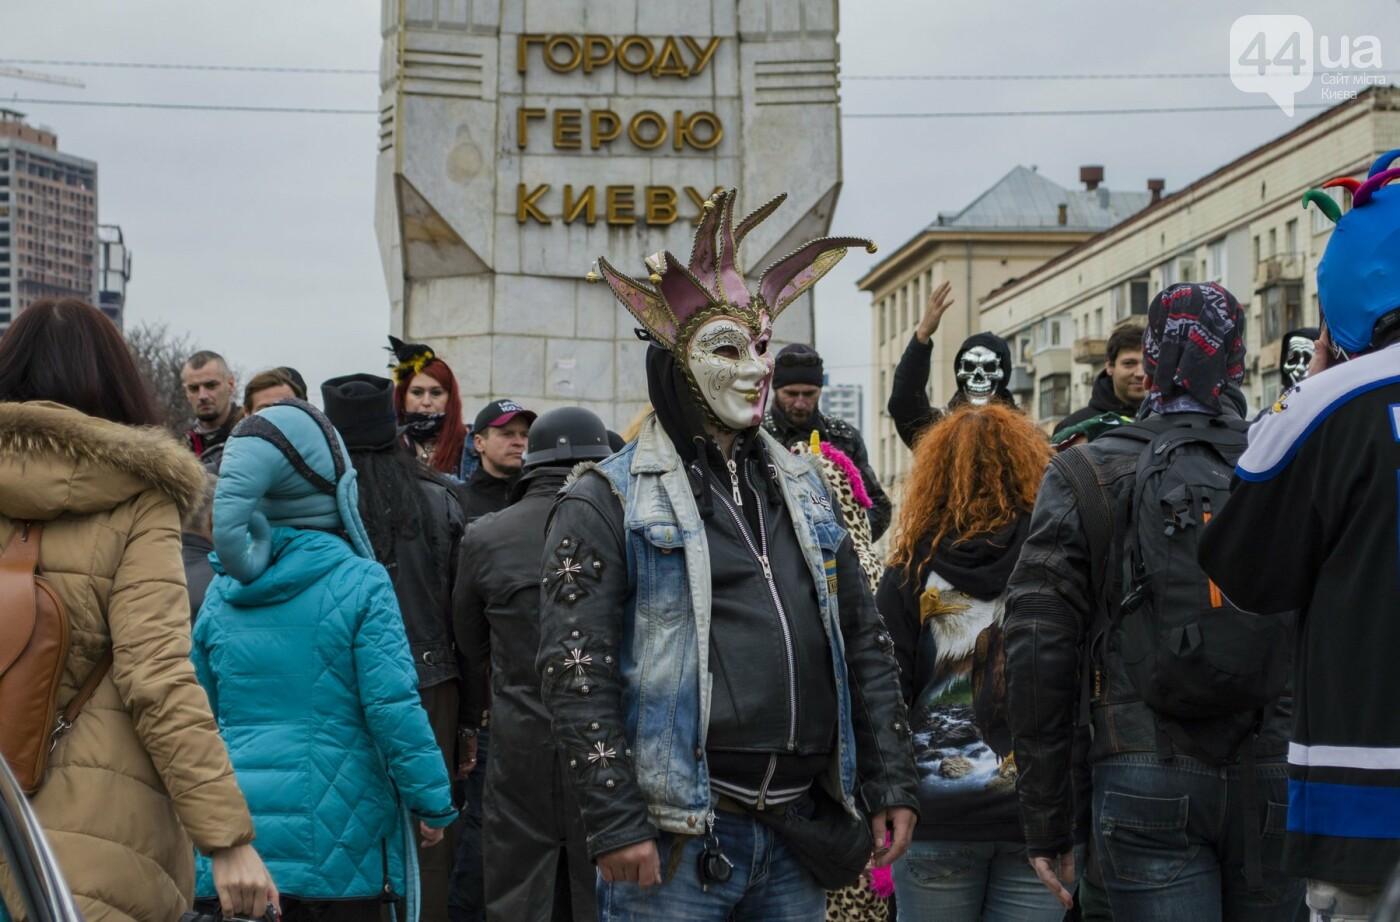 """От Бэтмена до ведьм: как """"нечисть"""" разъезжала на мотоциклах по центру Киева, фото-12"""